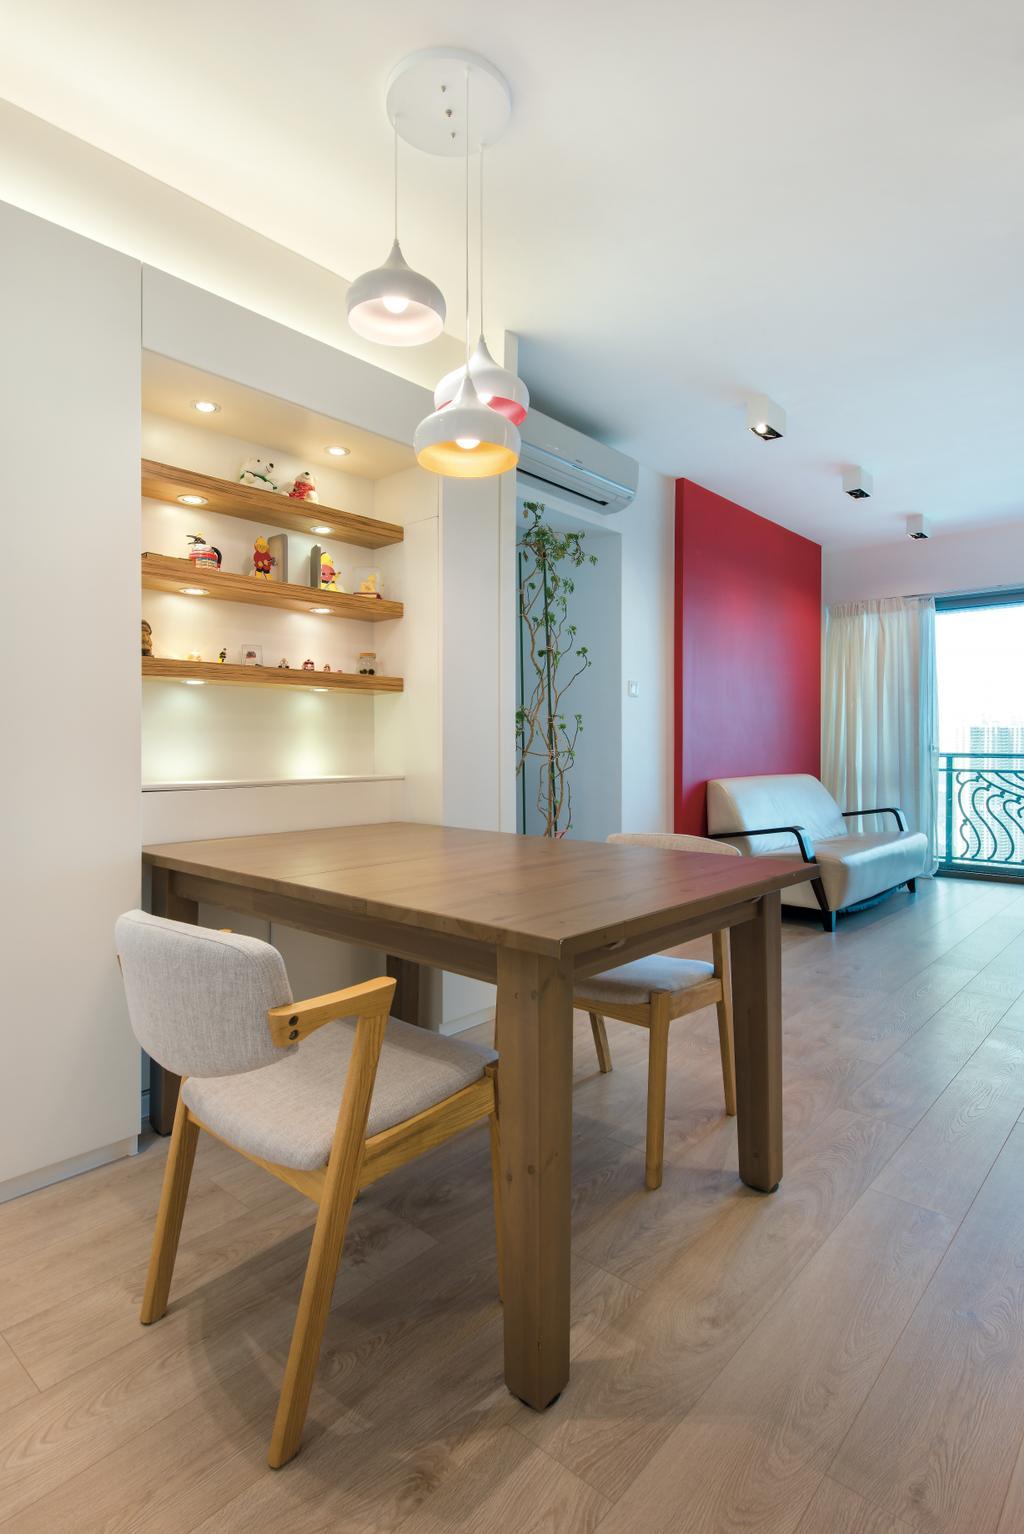 當代, 私家樓, 飯廳, 映灣園, 室內設計師, Space Design, Indoors, Interior Design, Room, Shelf, Dining Table, Furniture, Table, Chair